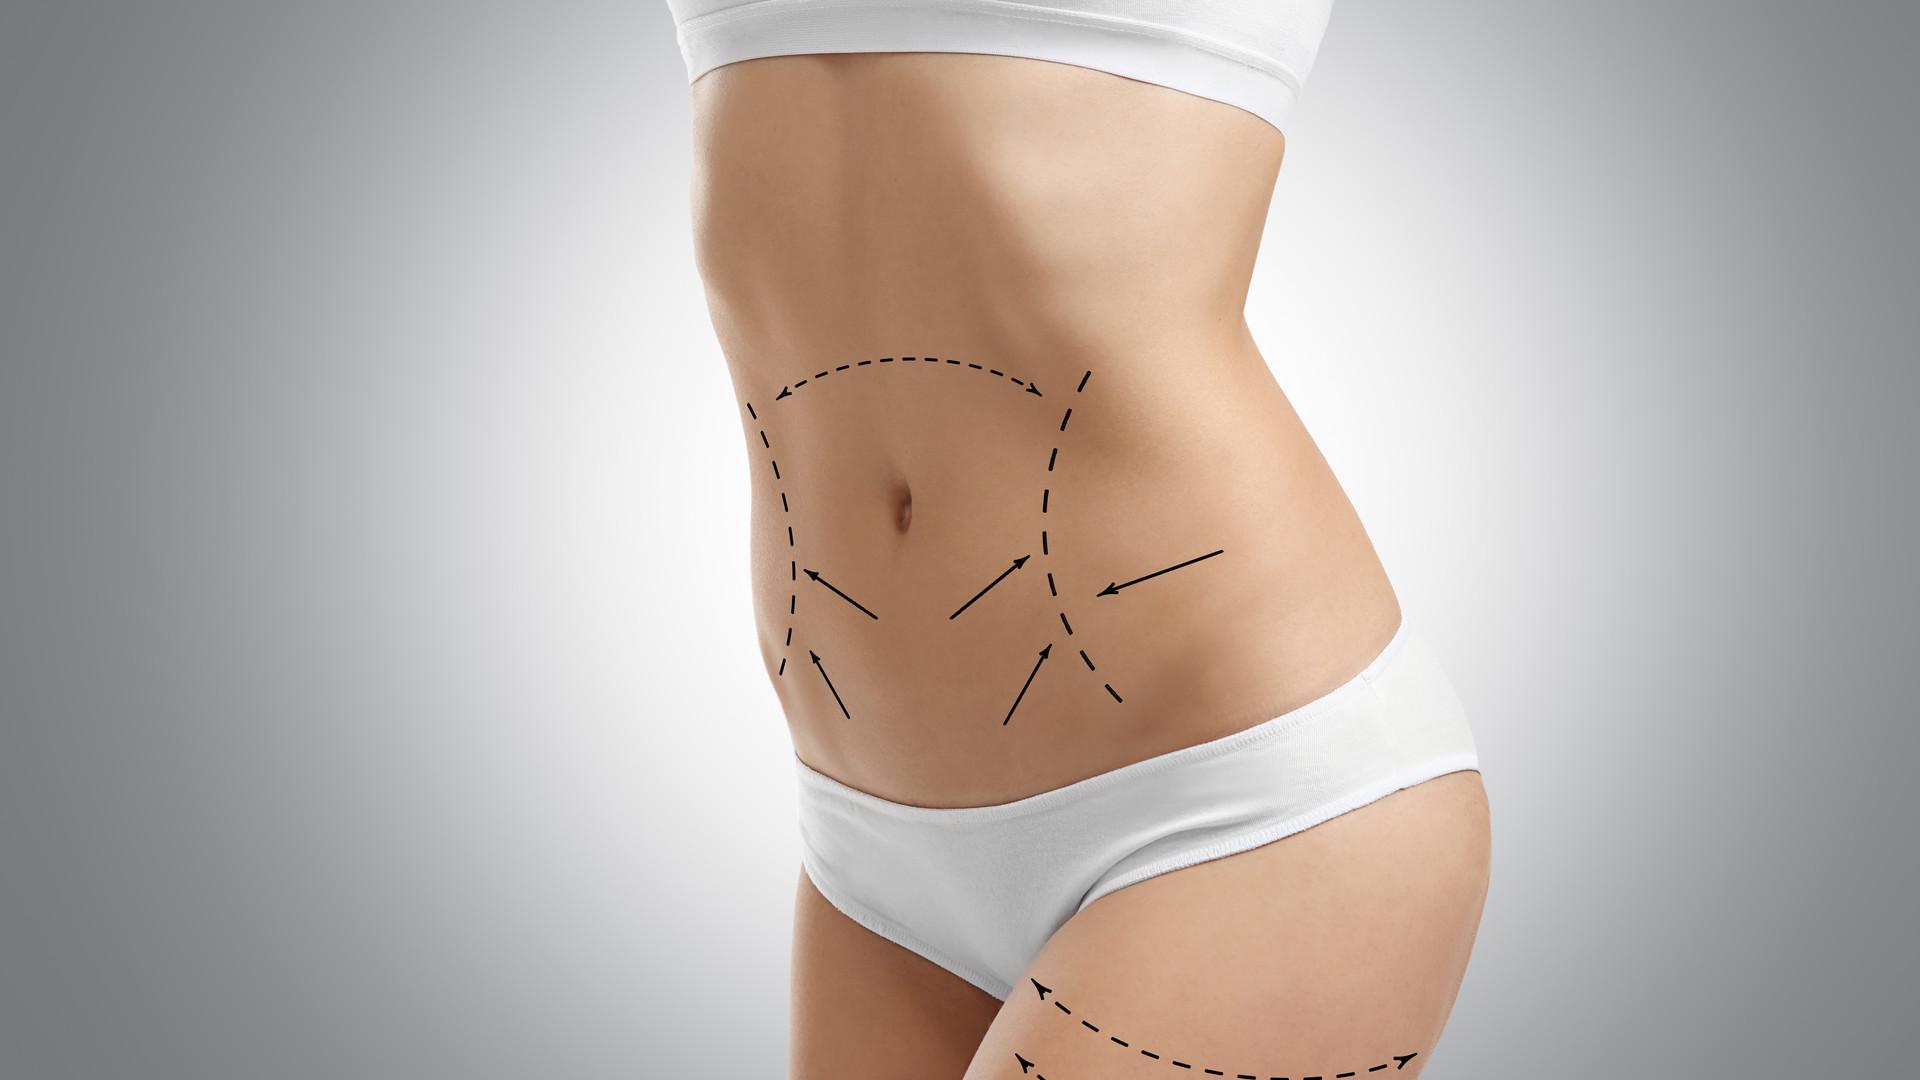 Bauch mit angezeichneten Schnittverläufen